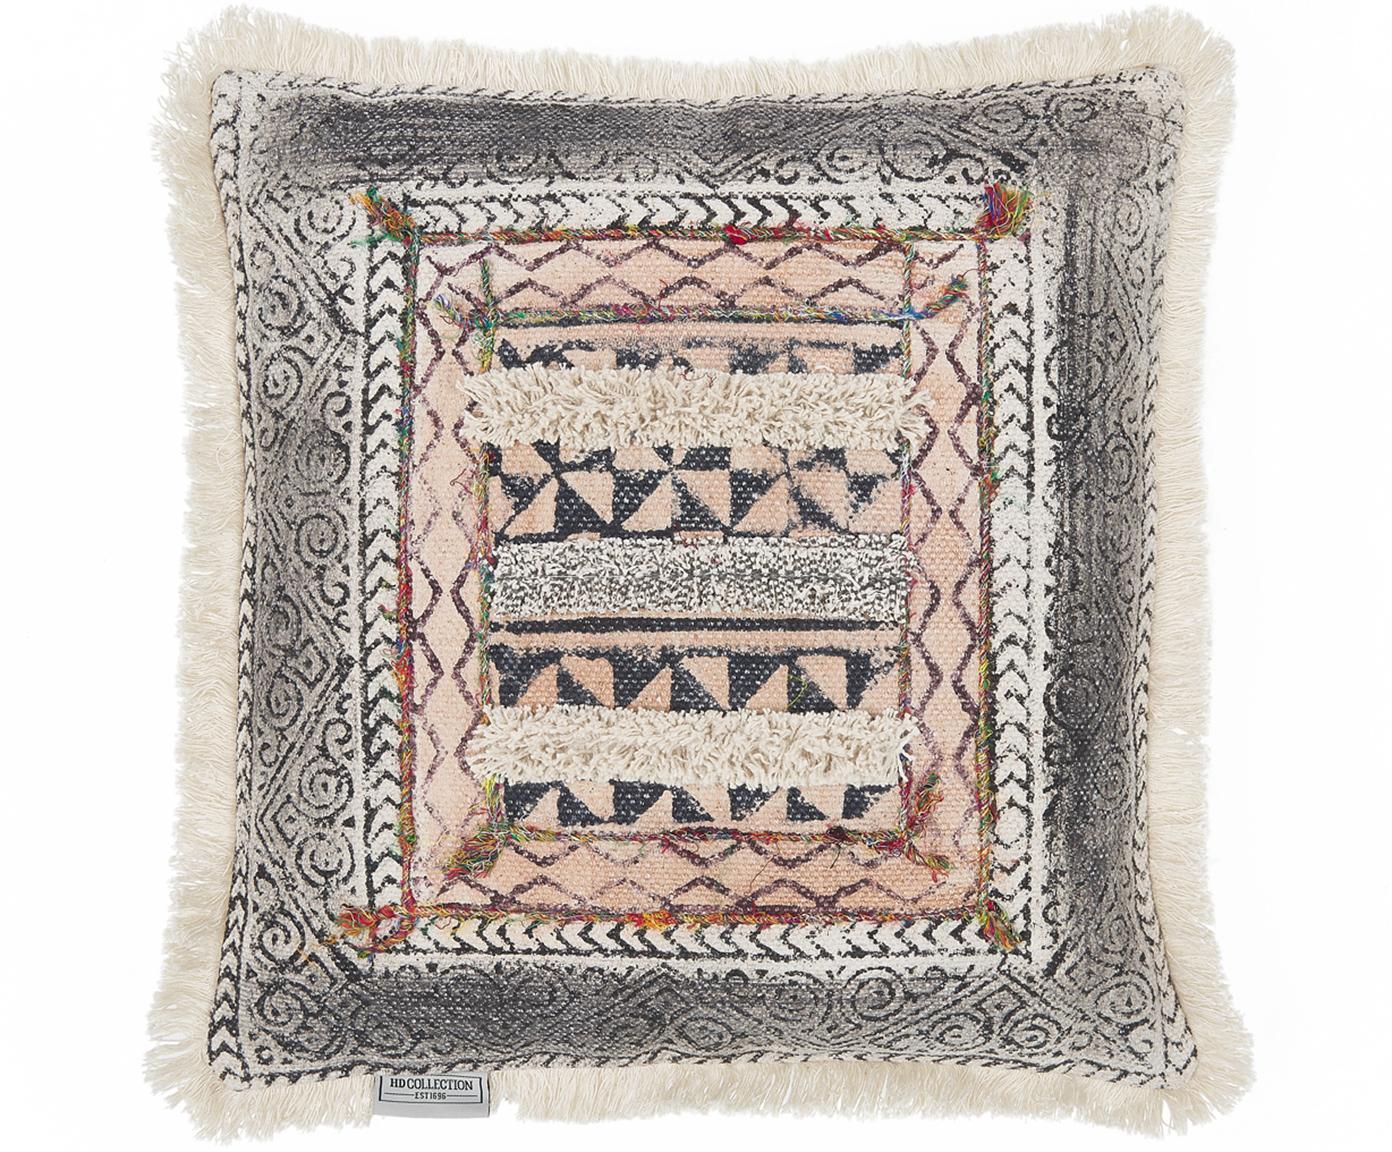 Ethno Kissen Klana, mit Inlett, Baumwolle, Beige, 45 x 45 cm